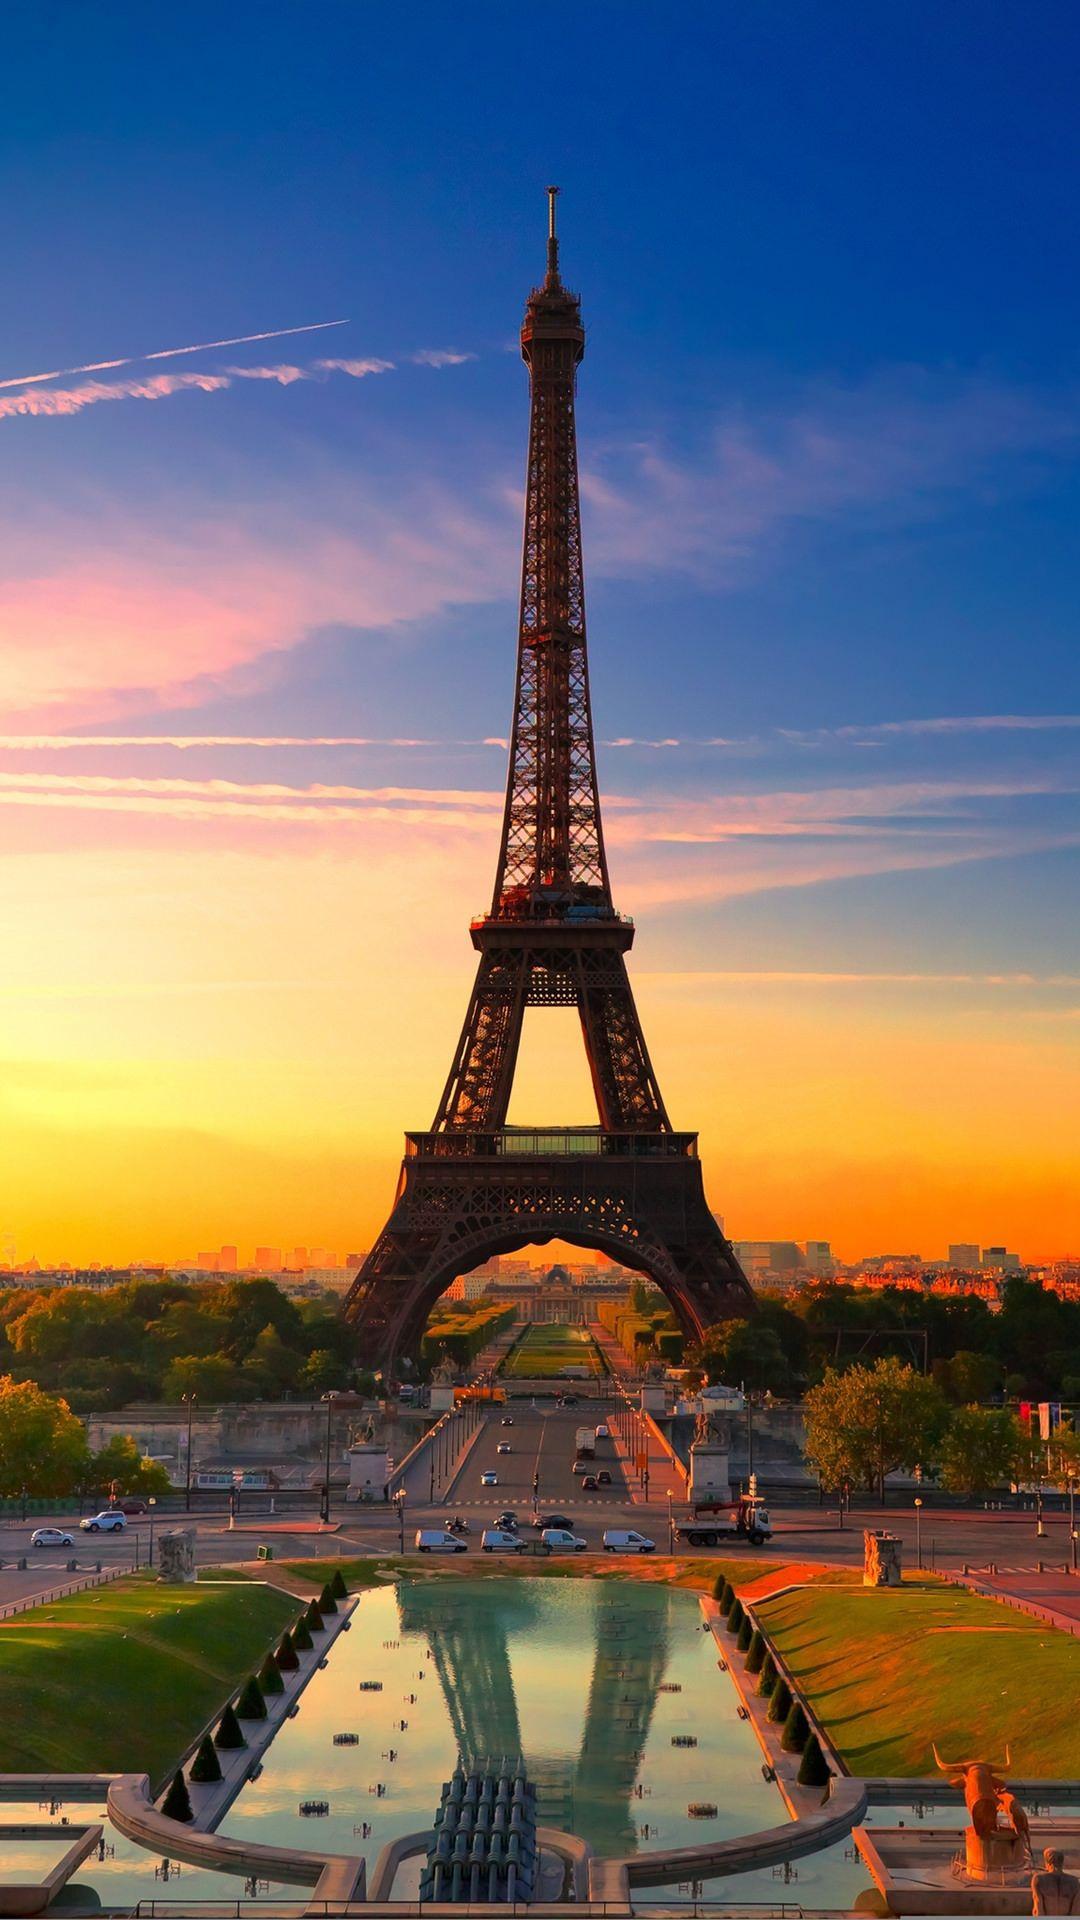 パリのエッフェル塔 Iphone6 Plus 壁紙 Wallpaperbox エッフェル塔 フランス旅行 美しい景色